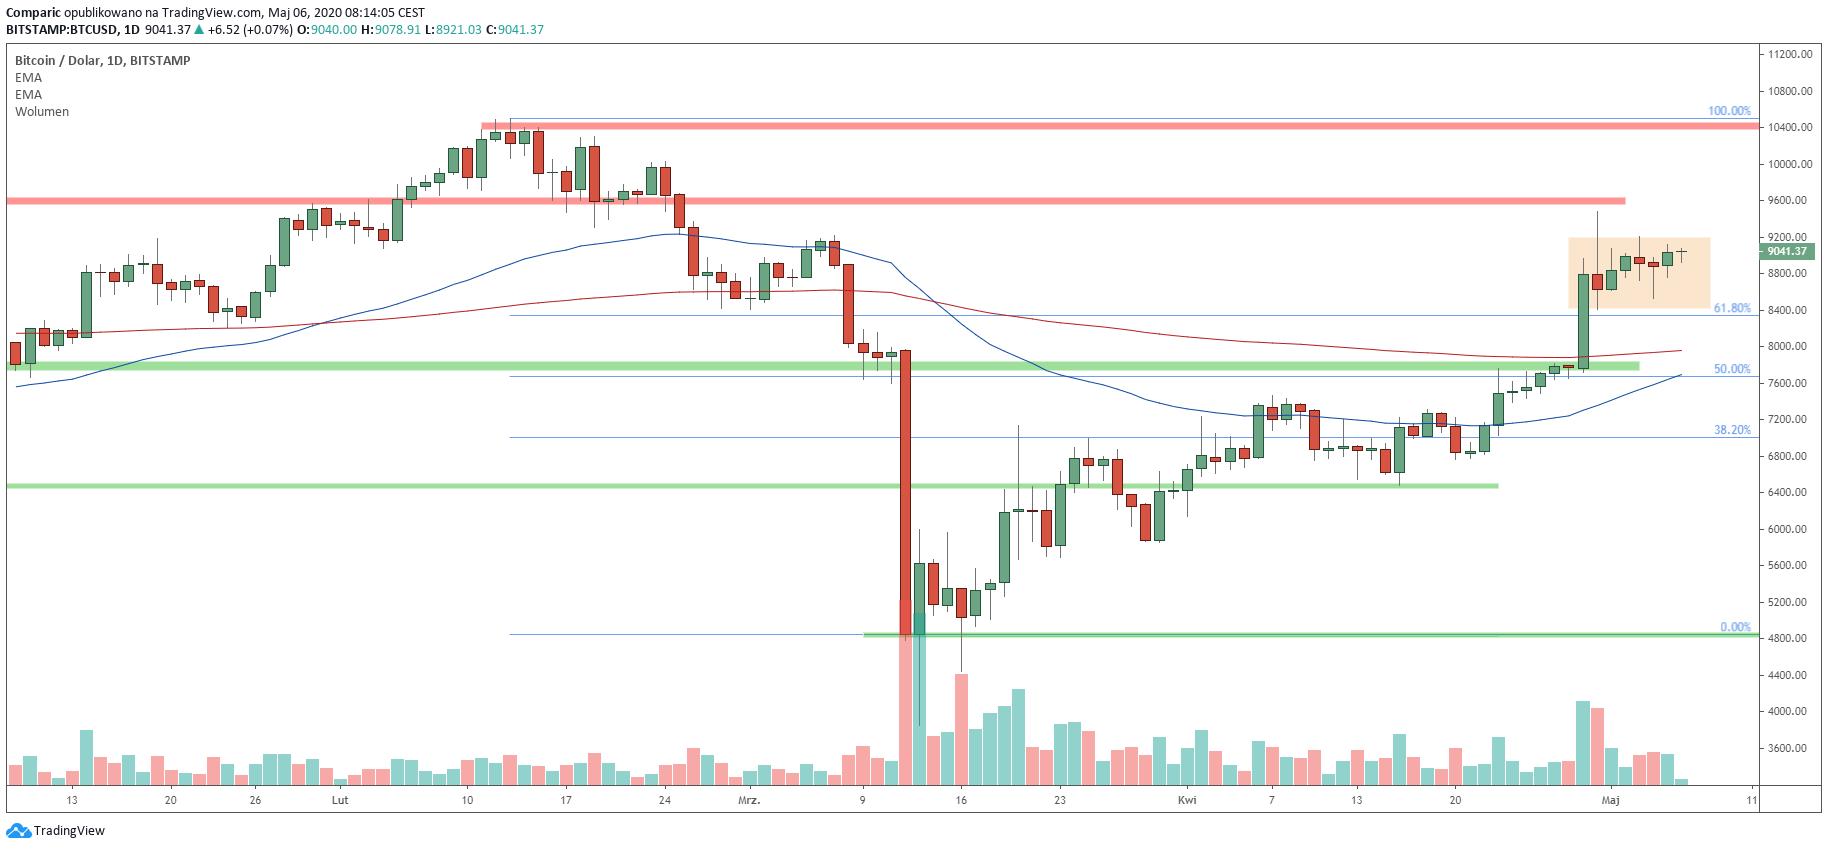 Bitcoin konsoliduje przy ograniczonej zmienności oraz niskich obrotach. Źródło: Tradingview.com